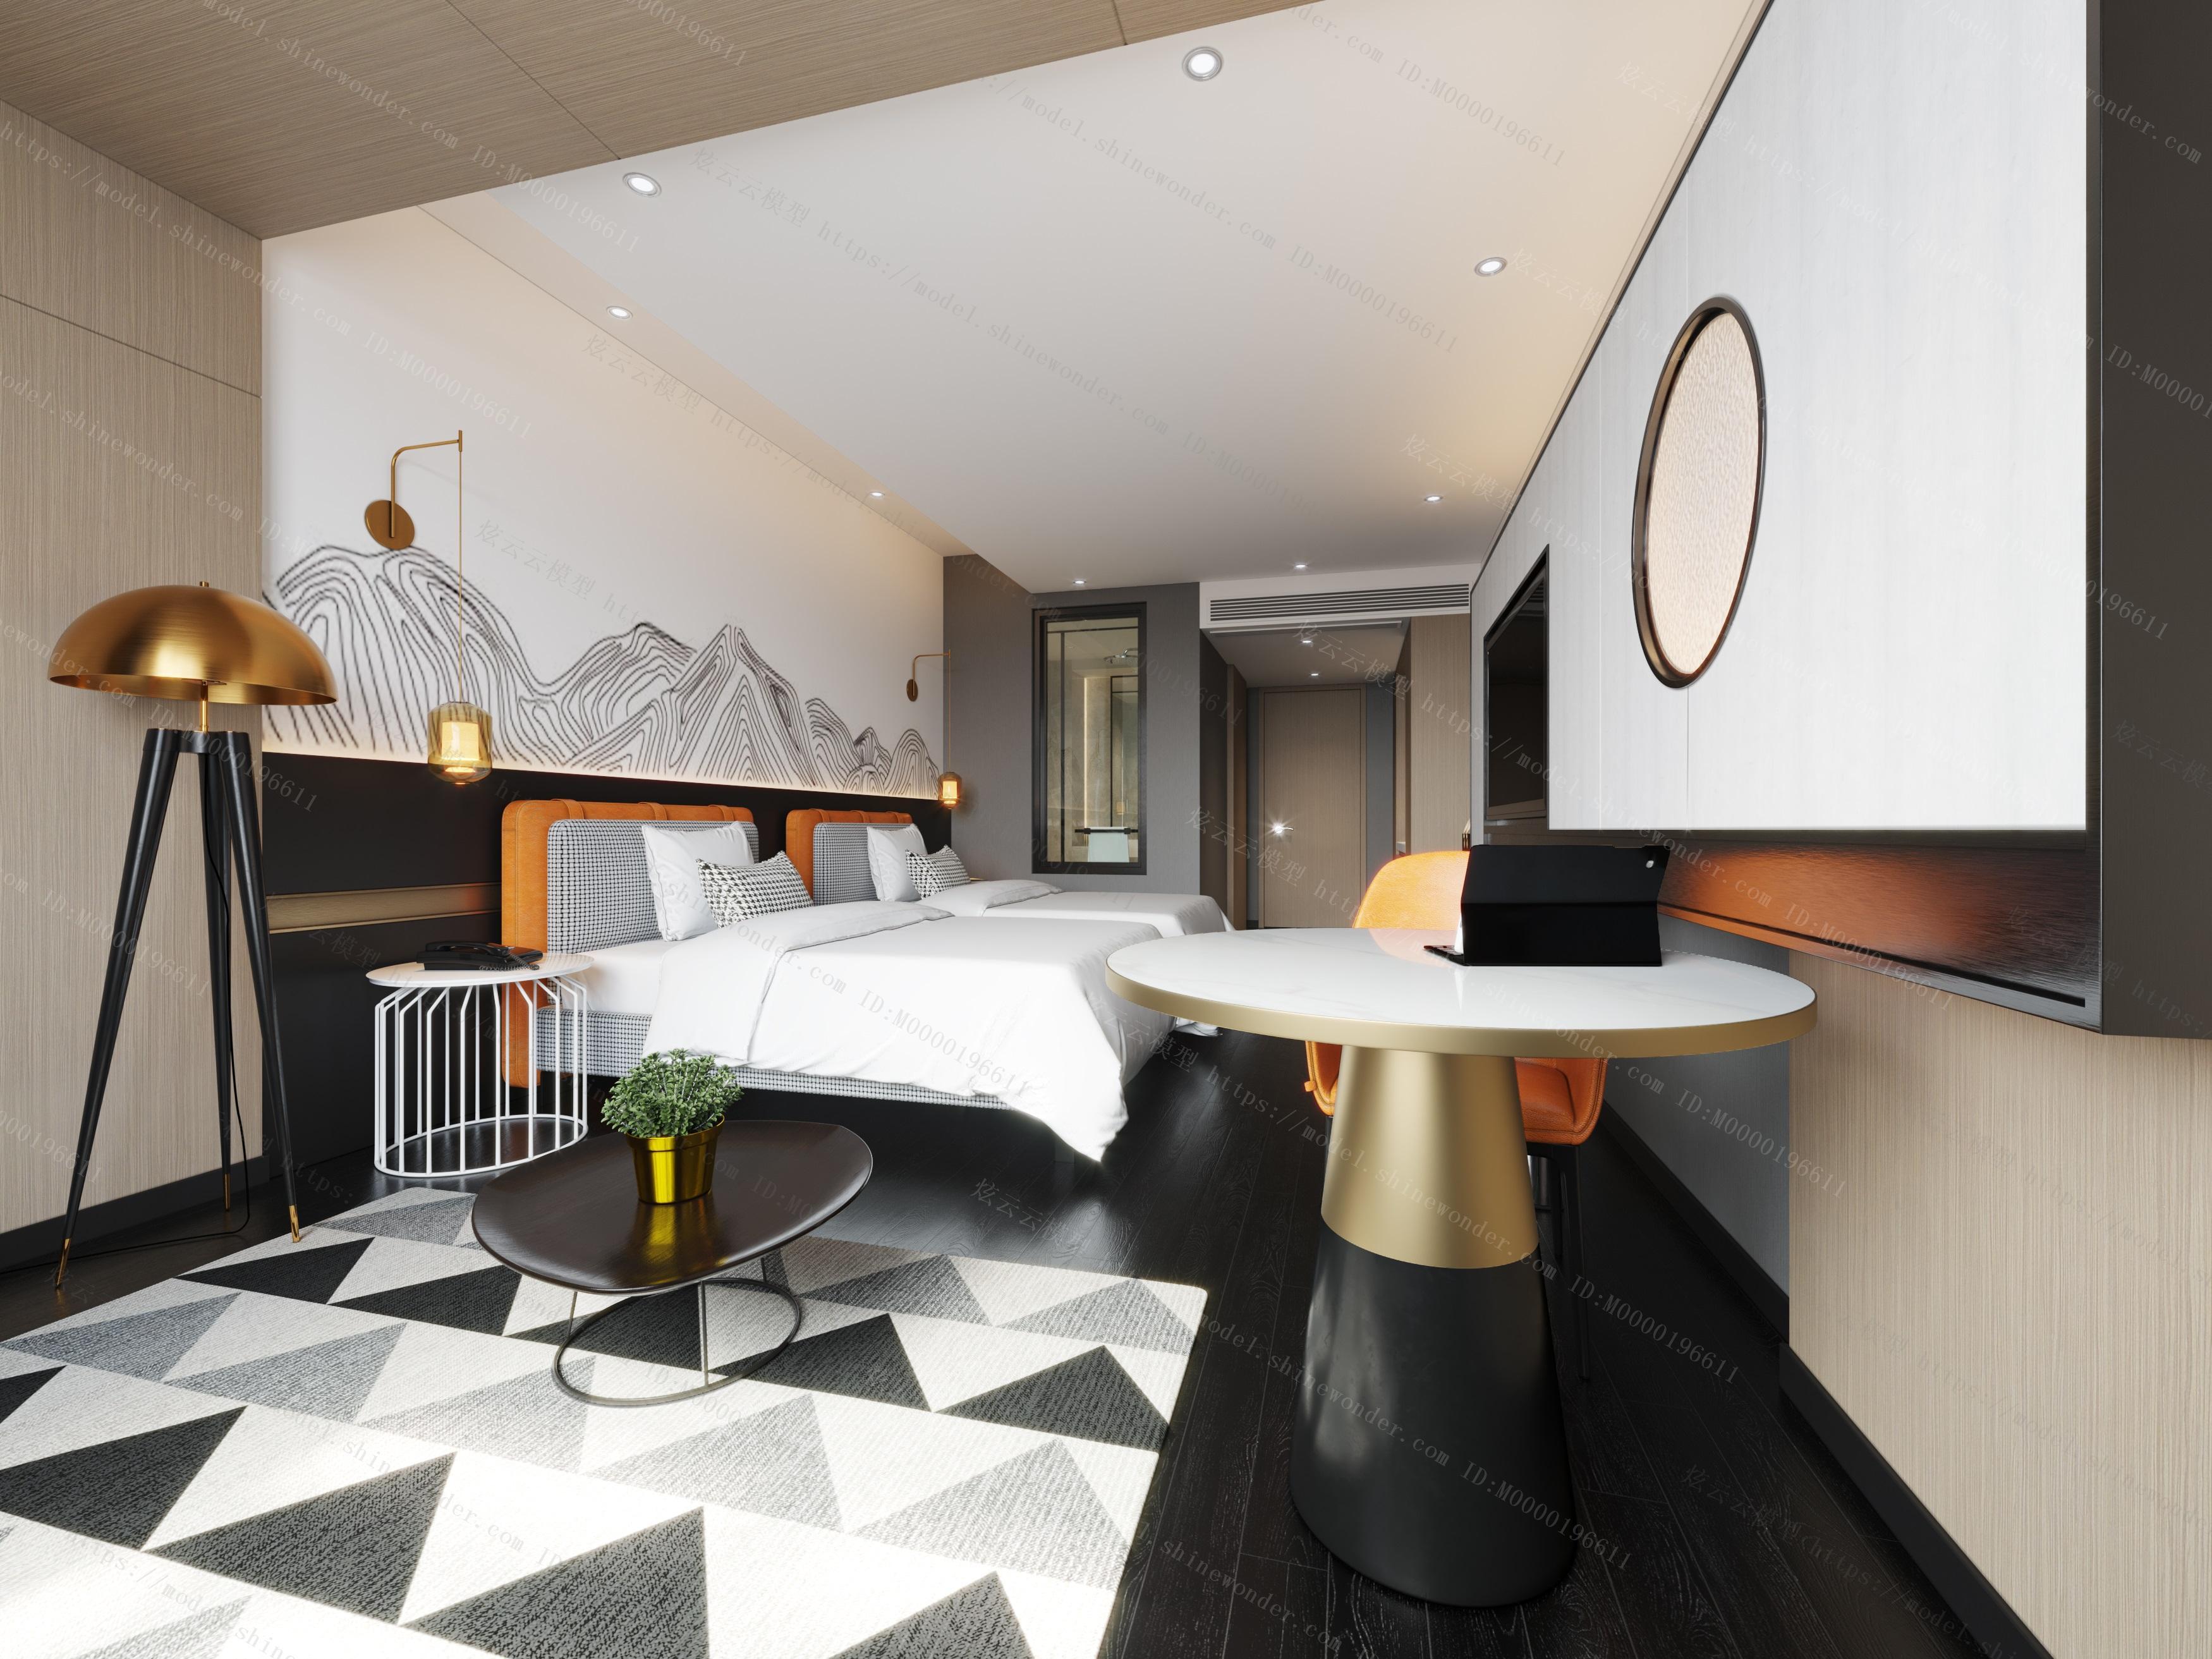 现代酒店客房双人间模型